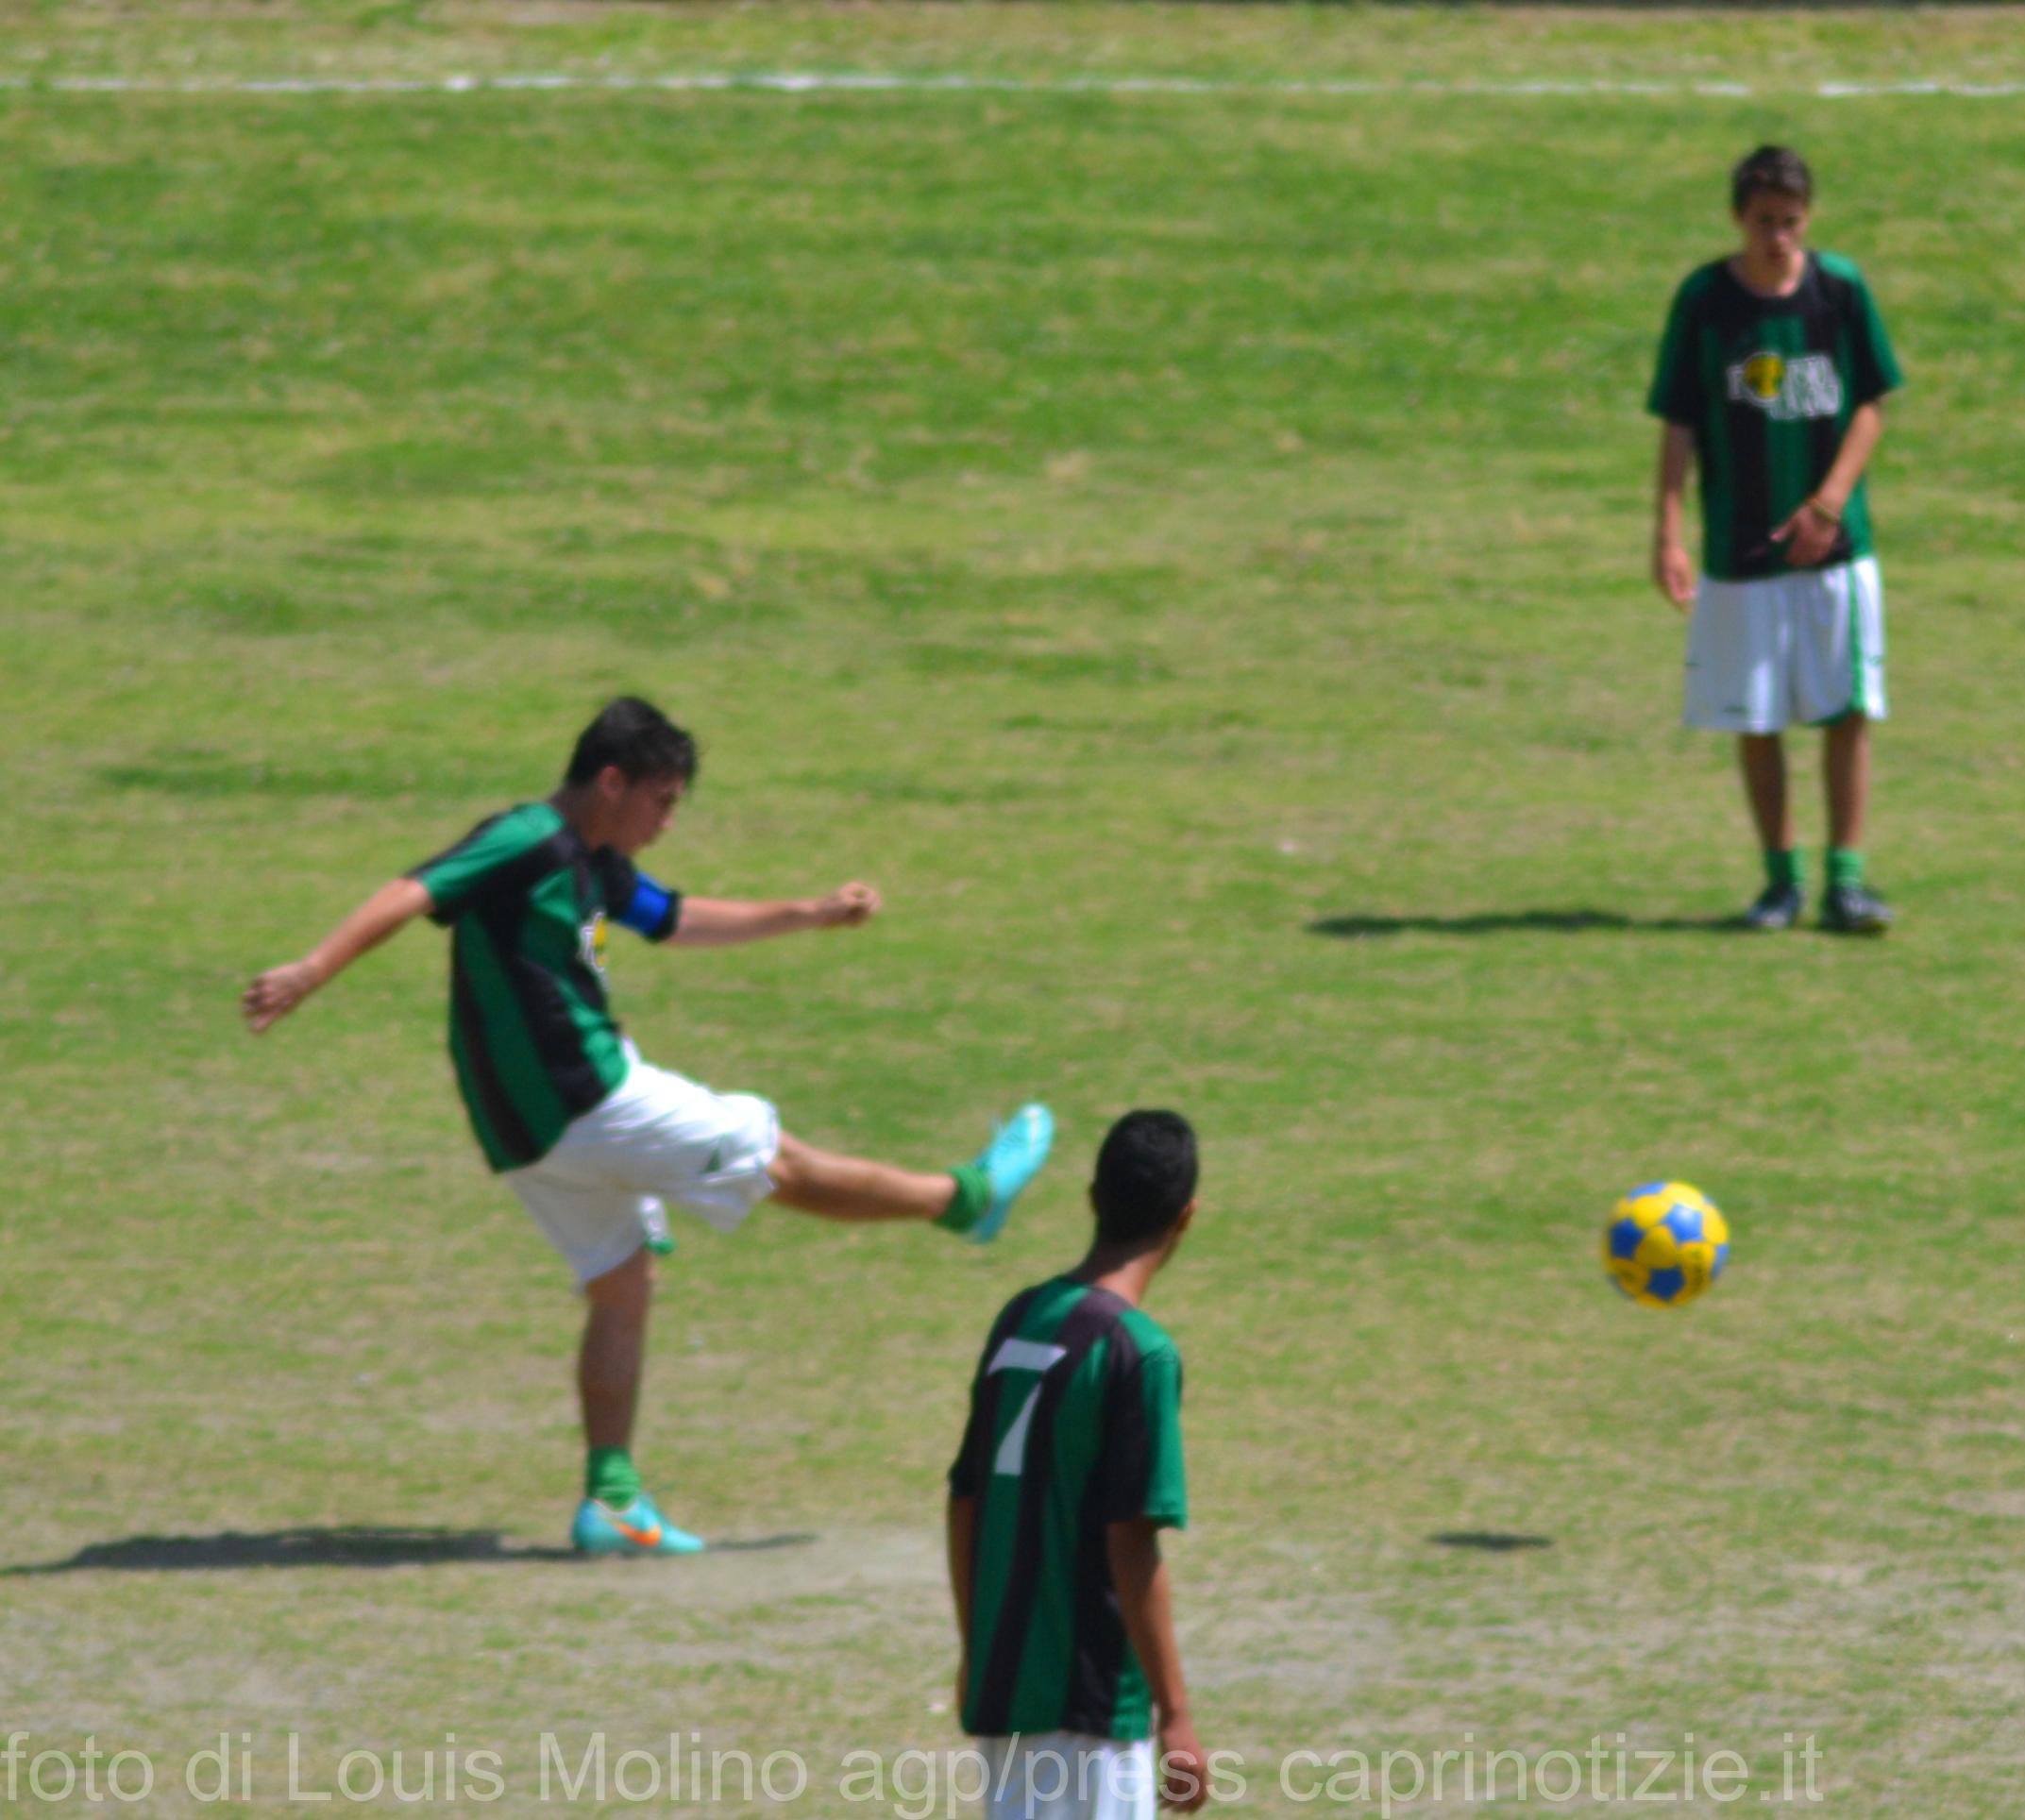 Calcio: La Juniores dell'Olimpia Capri perde in trasferta per 5-2 contro la Leonida Gragnano